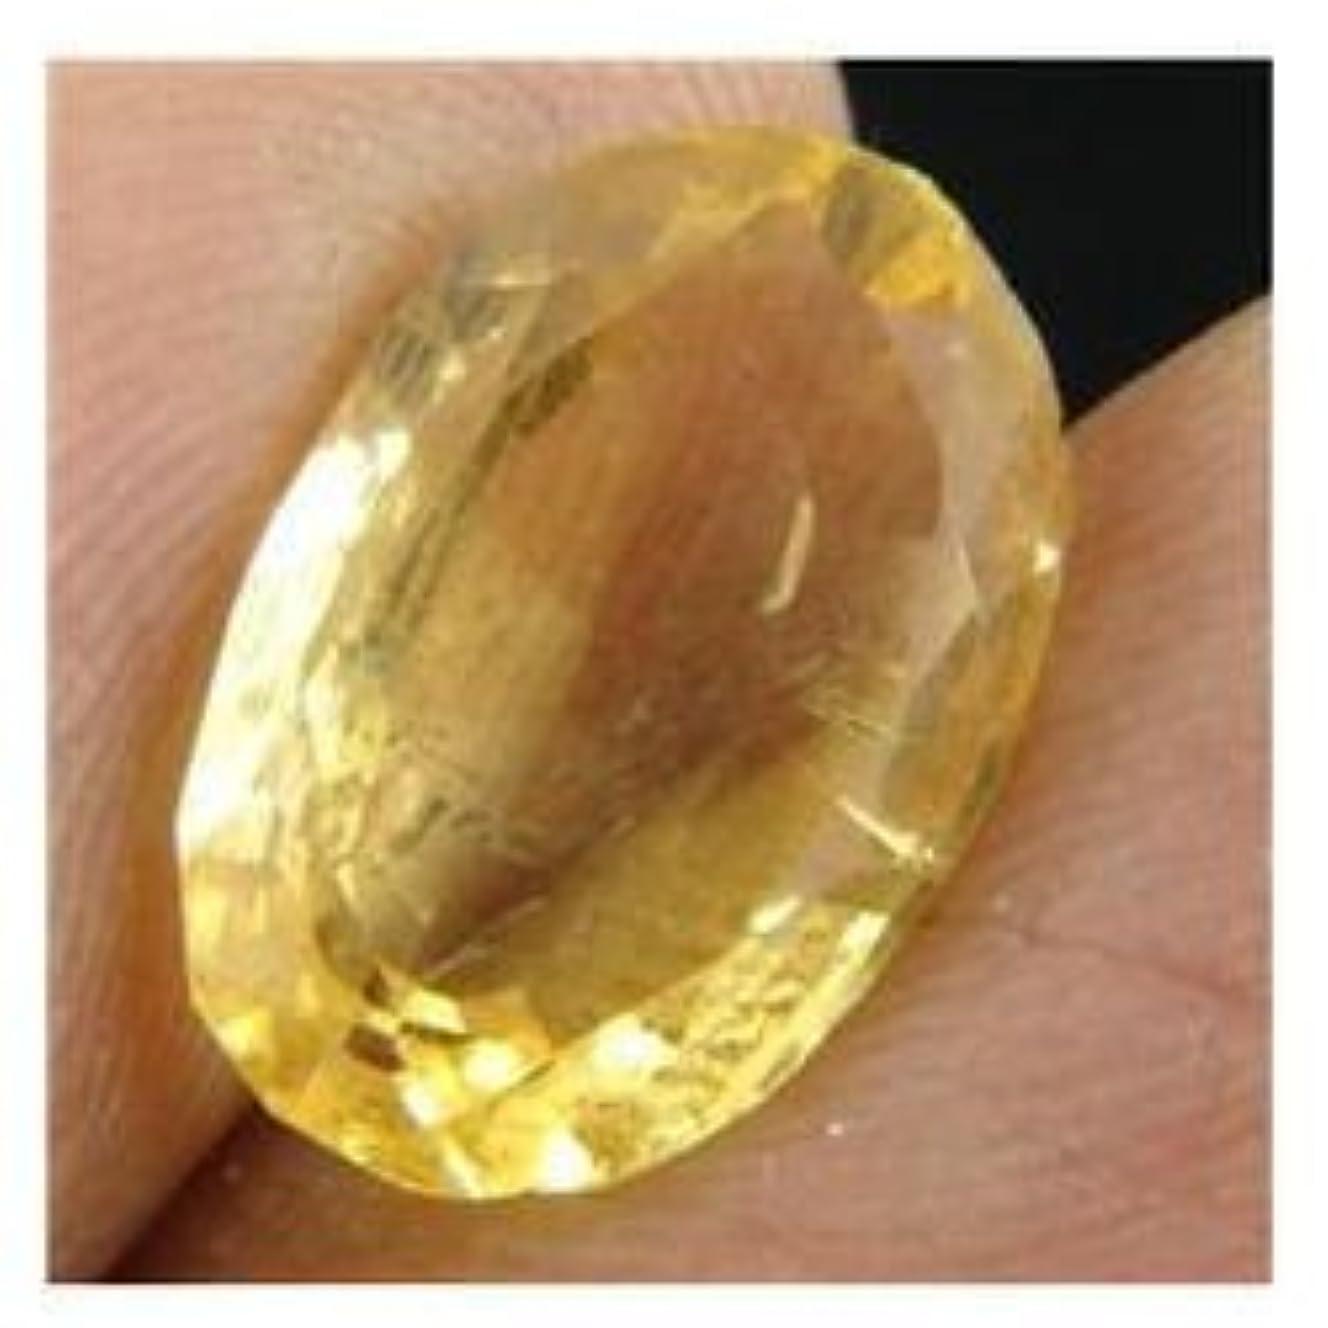 変化小人負sunela石元認定天然シトリン原石5.9カラットby gemselect